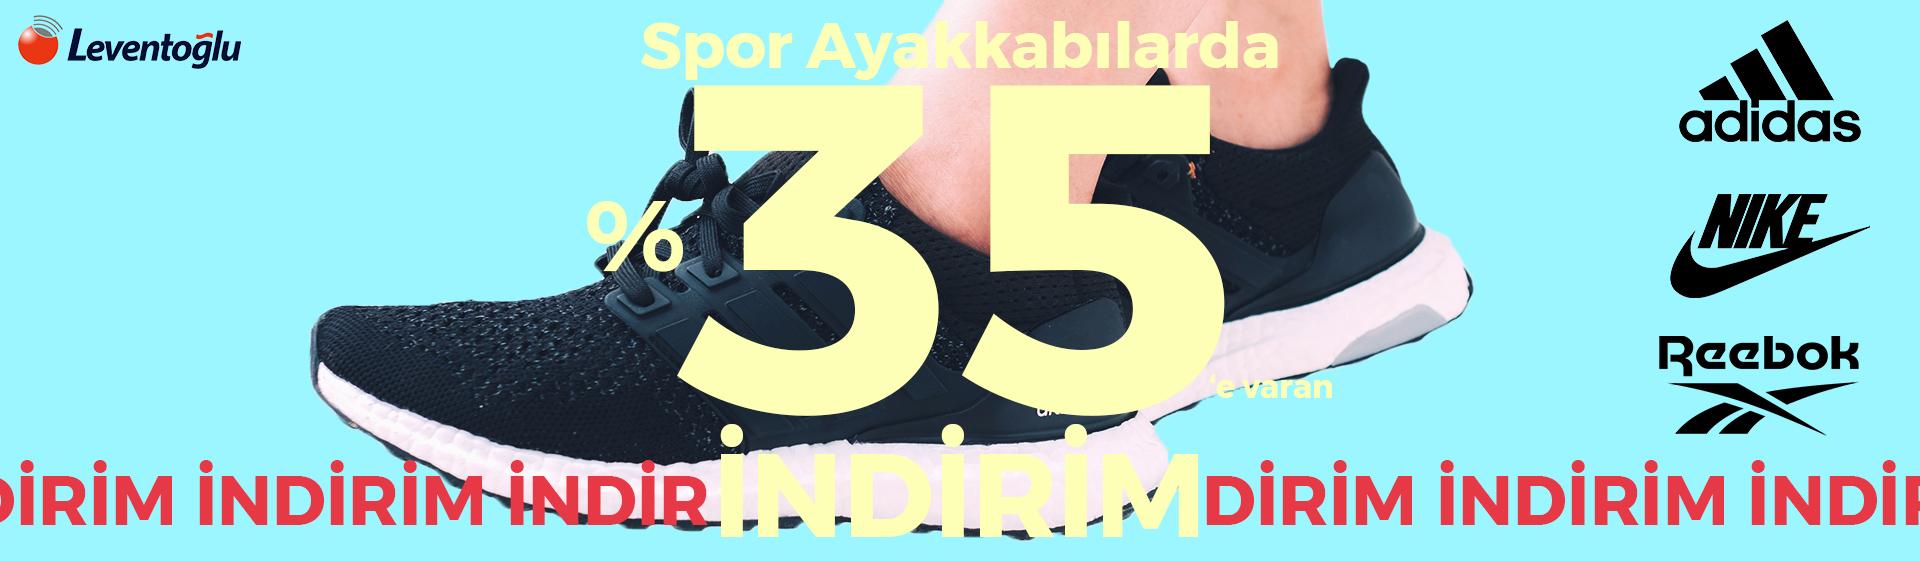 ayakkabı kampanya online mağaza görsel